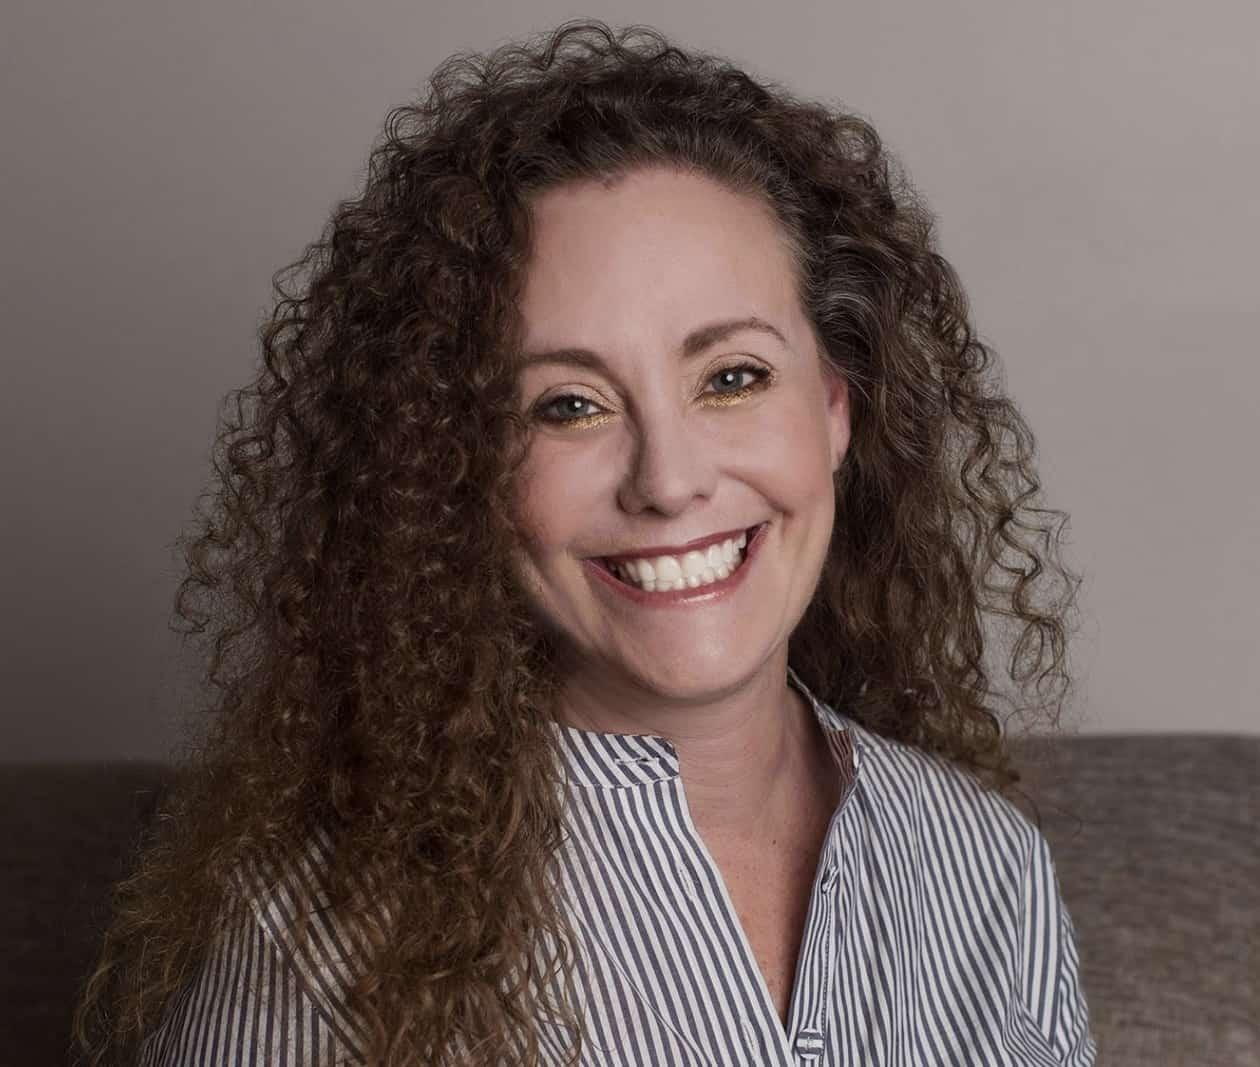 Julie Swetnick